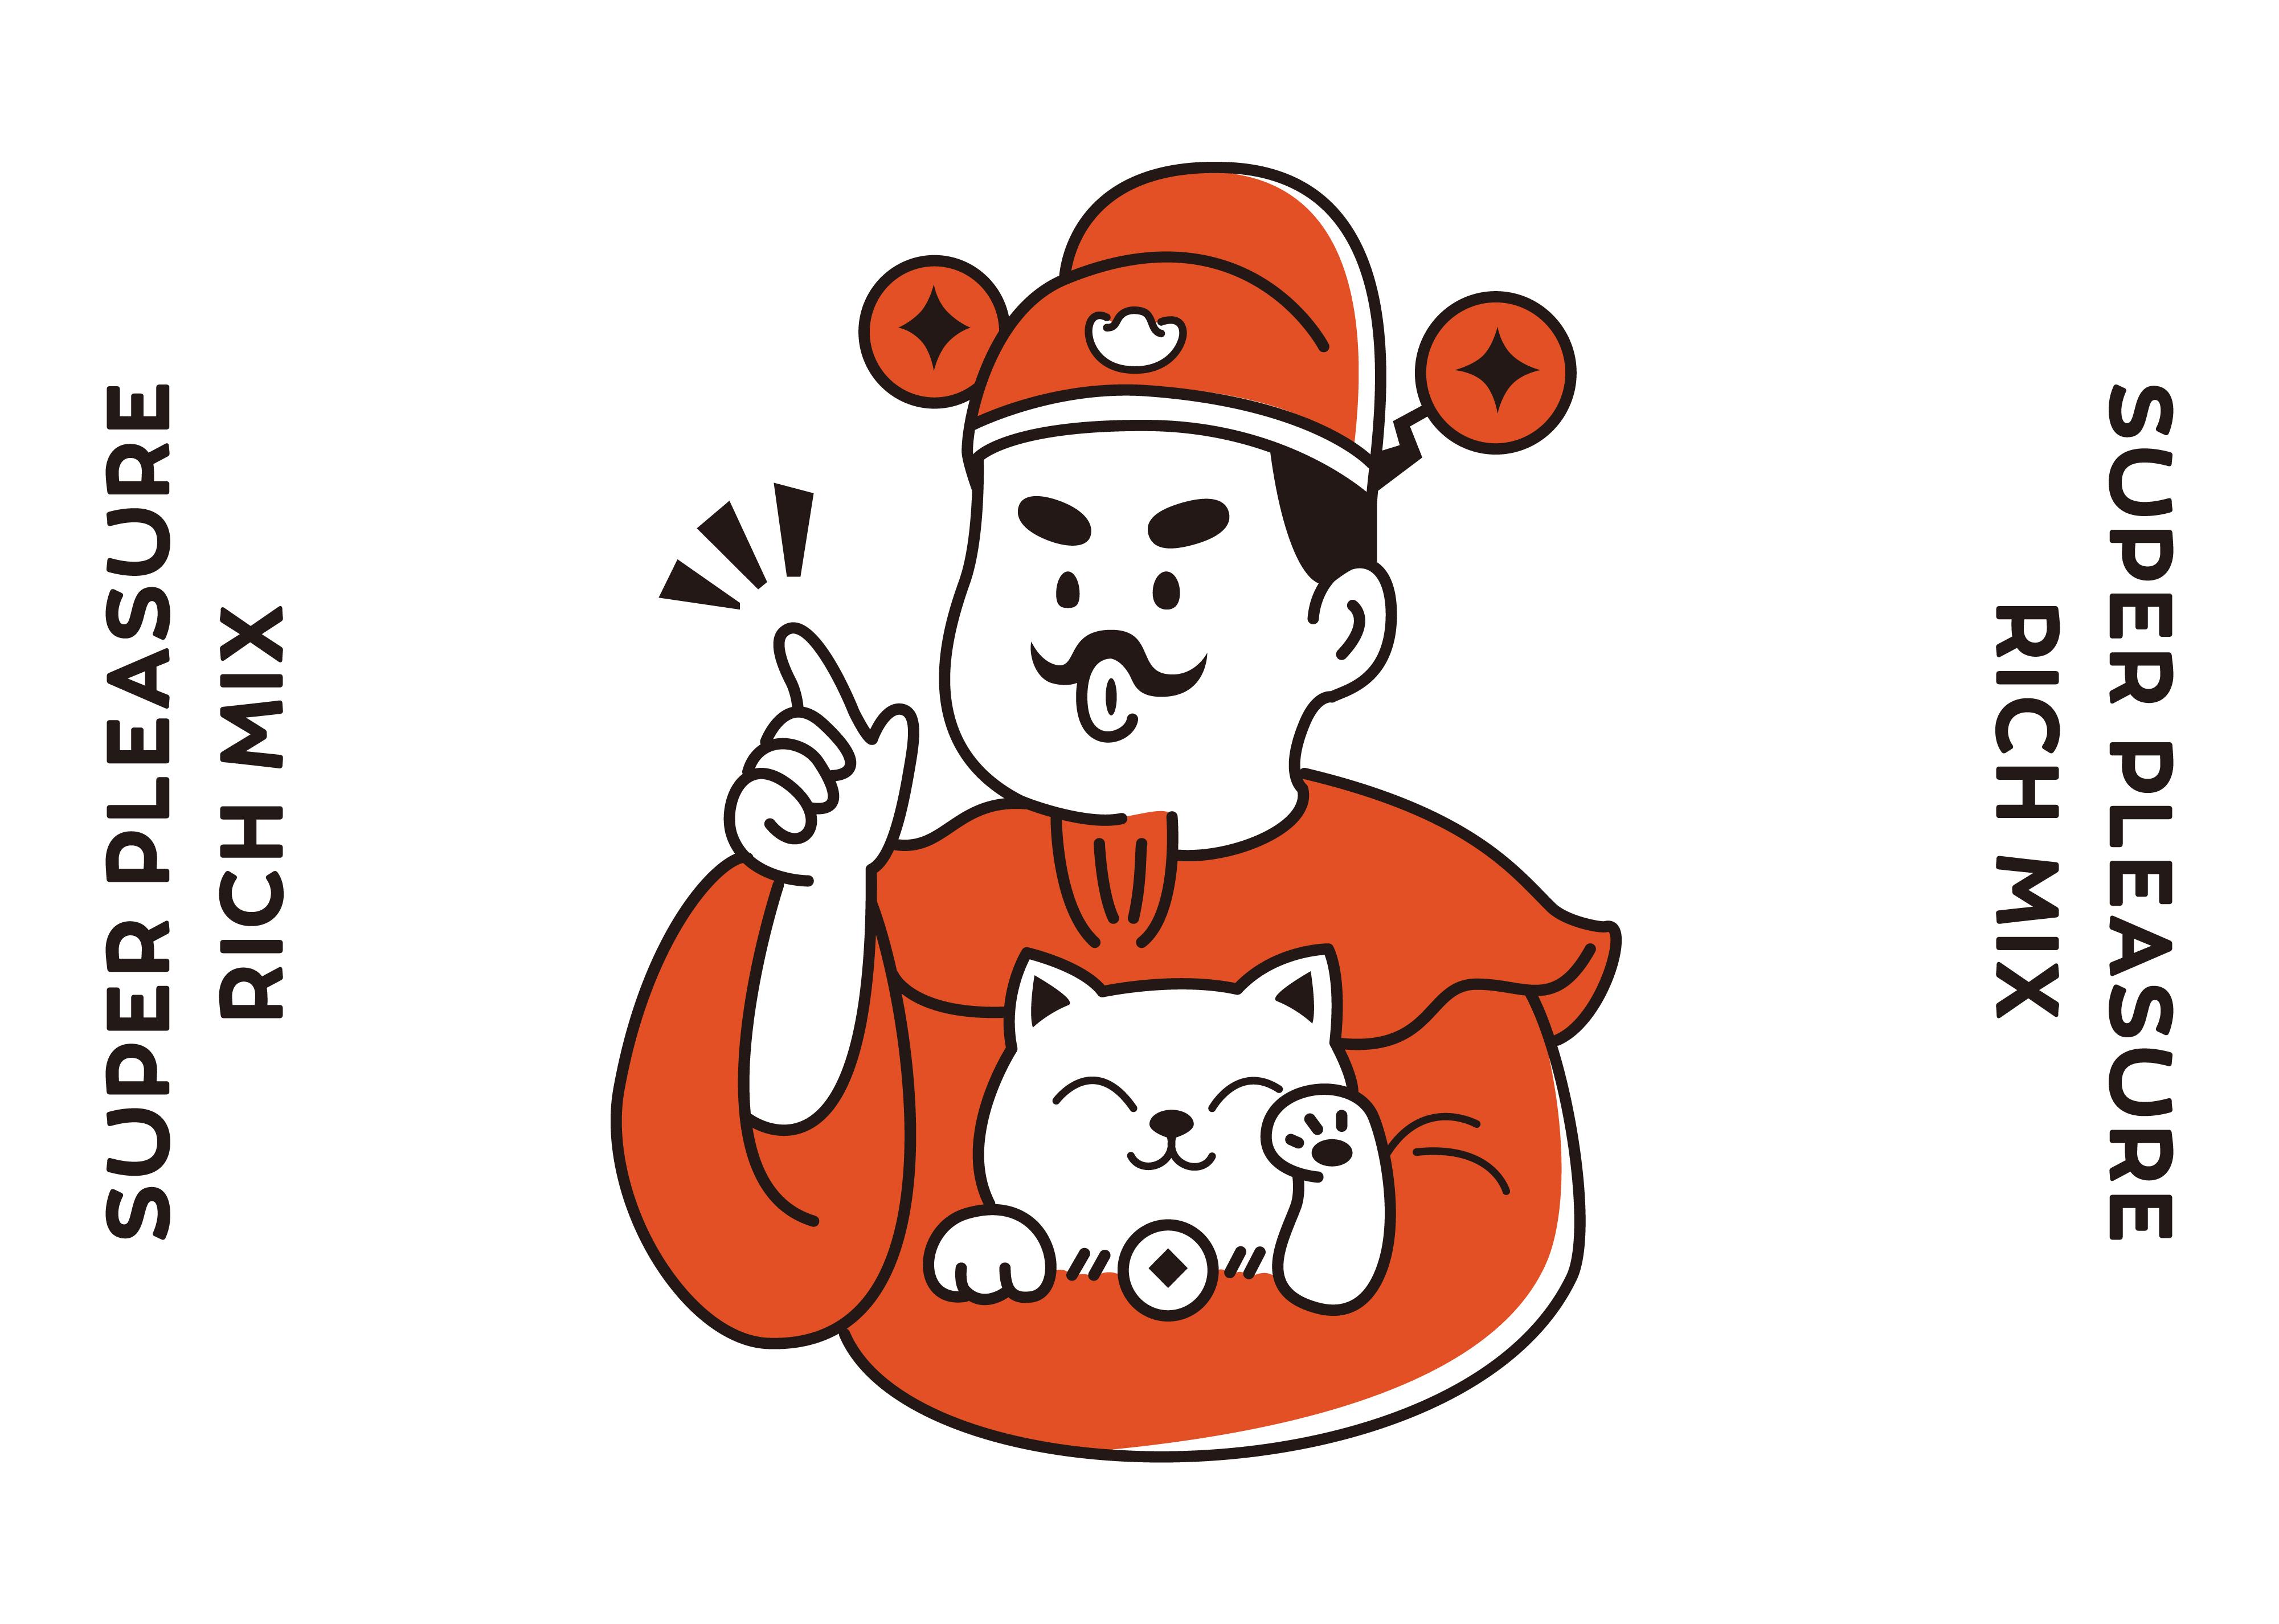 财神面公众号-02.jpg